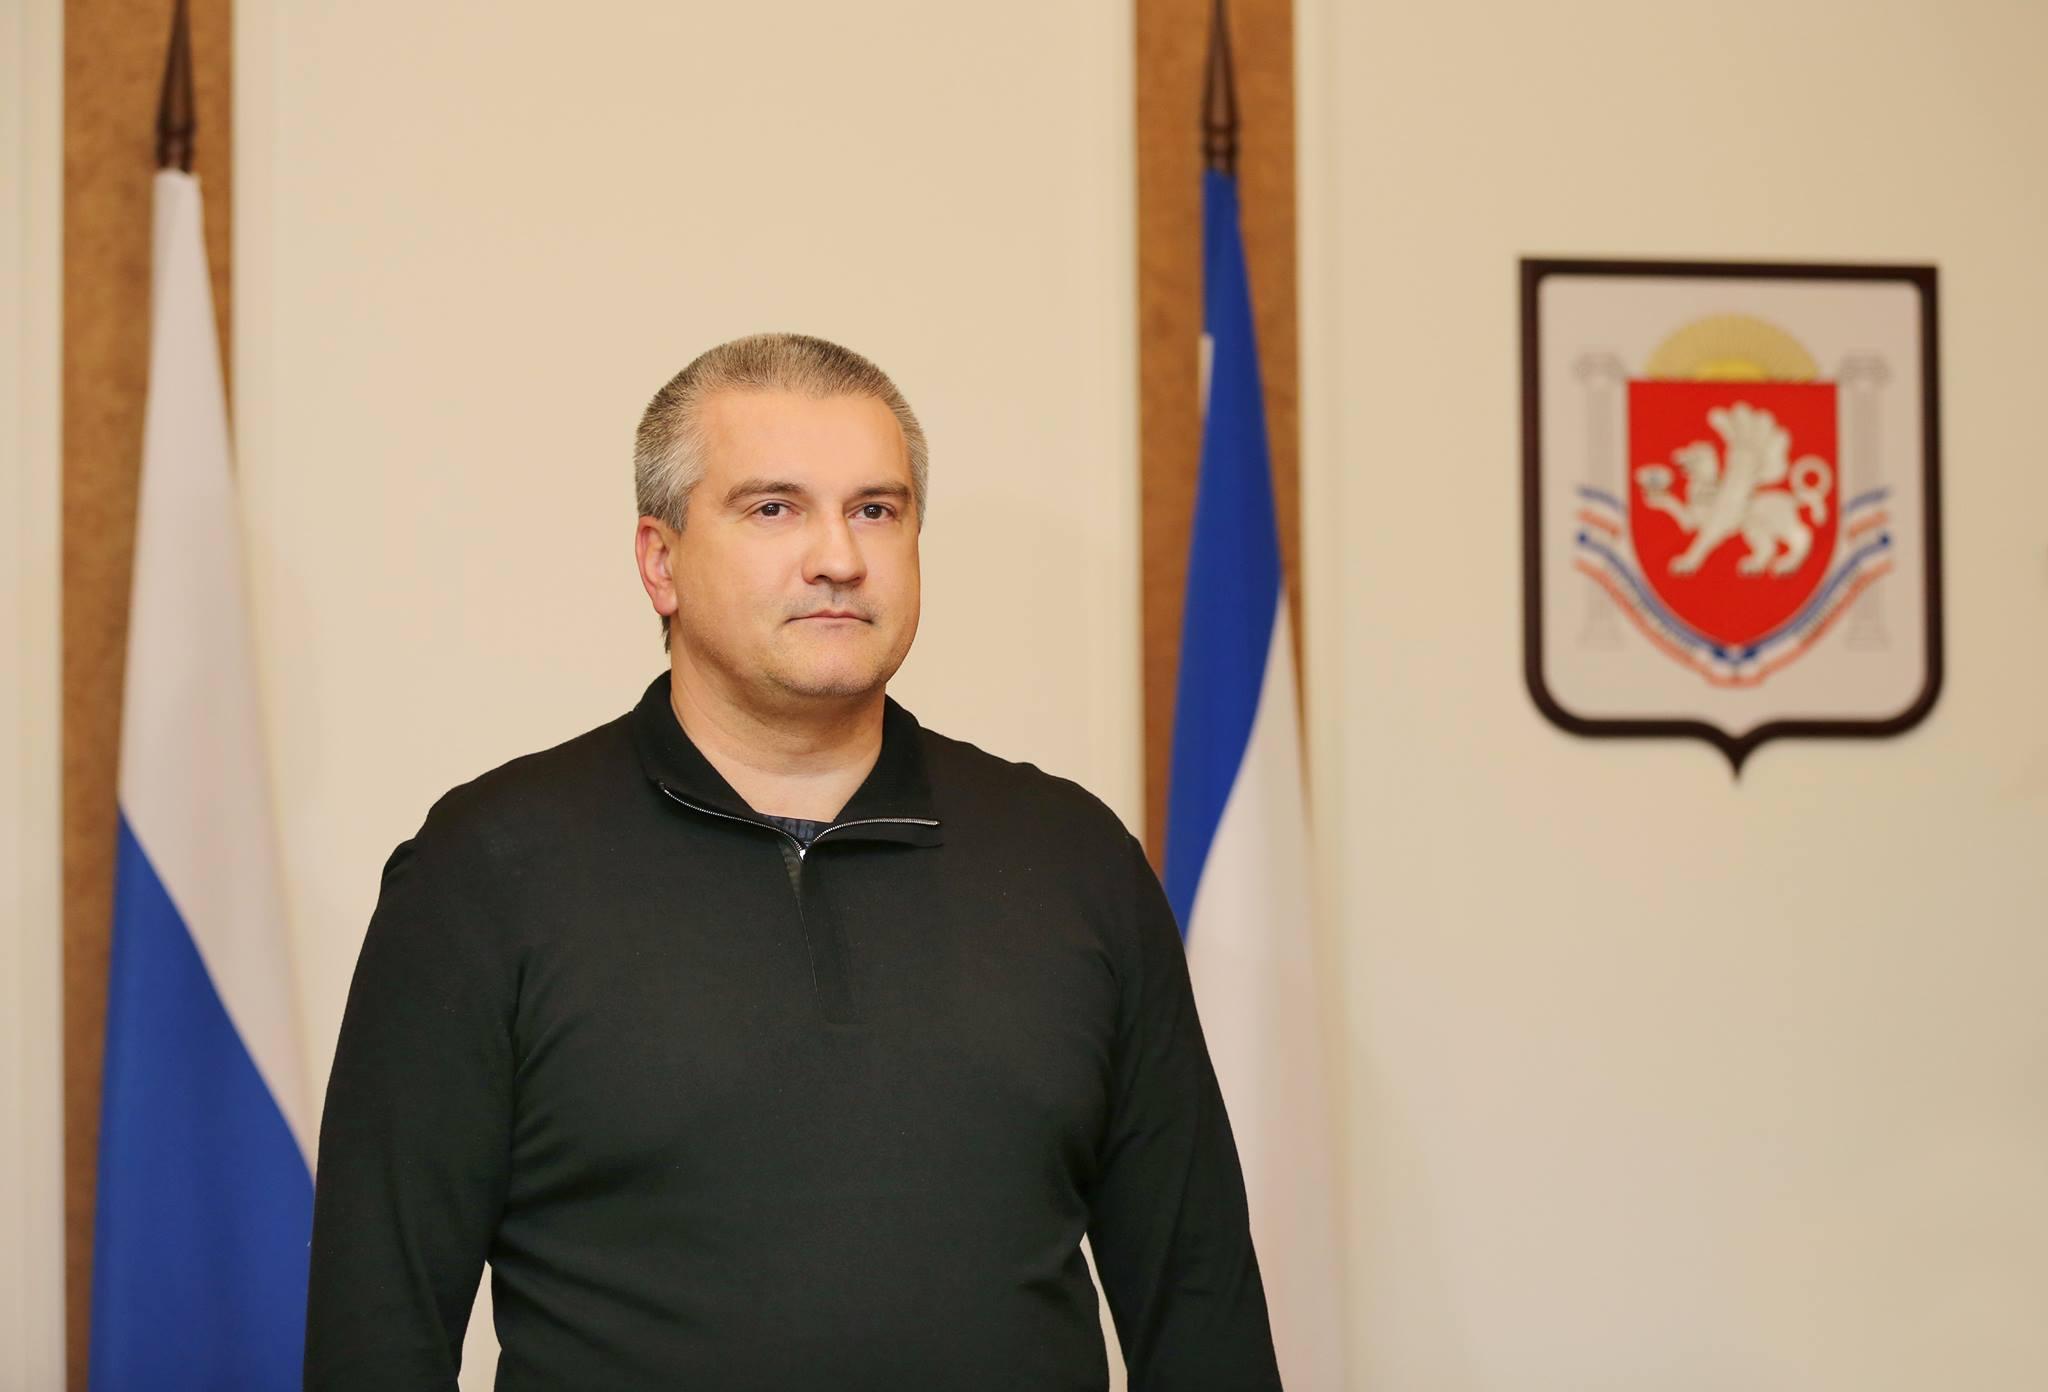 Сергей Аксёнов: висеть на крючке у шантажистов — глупо и неприемлемо!